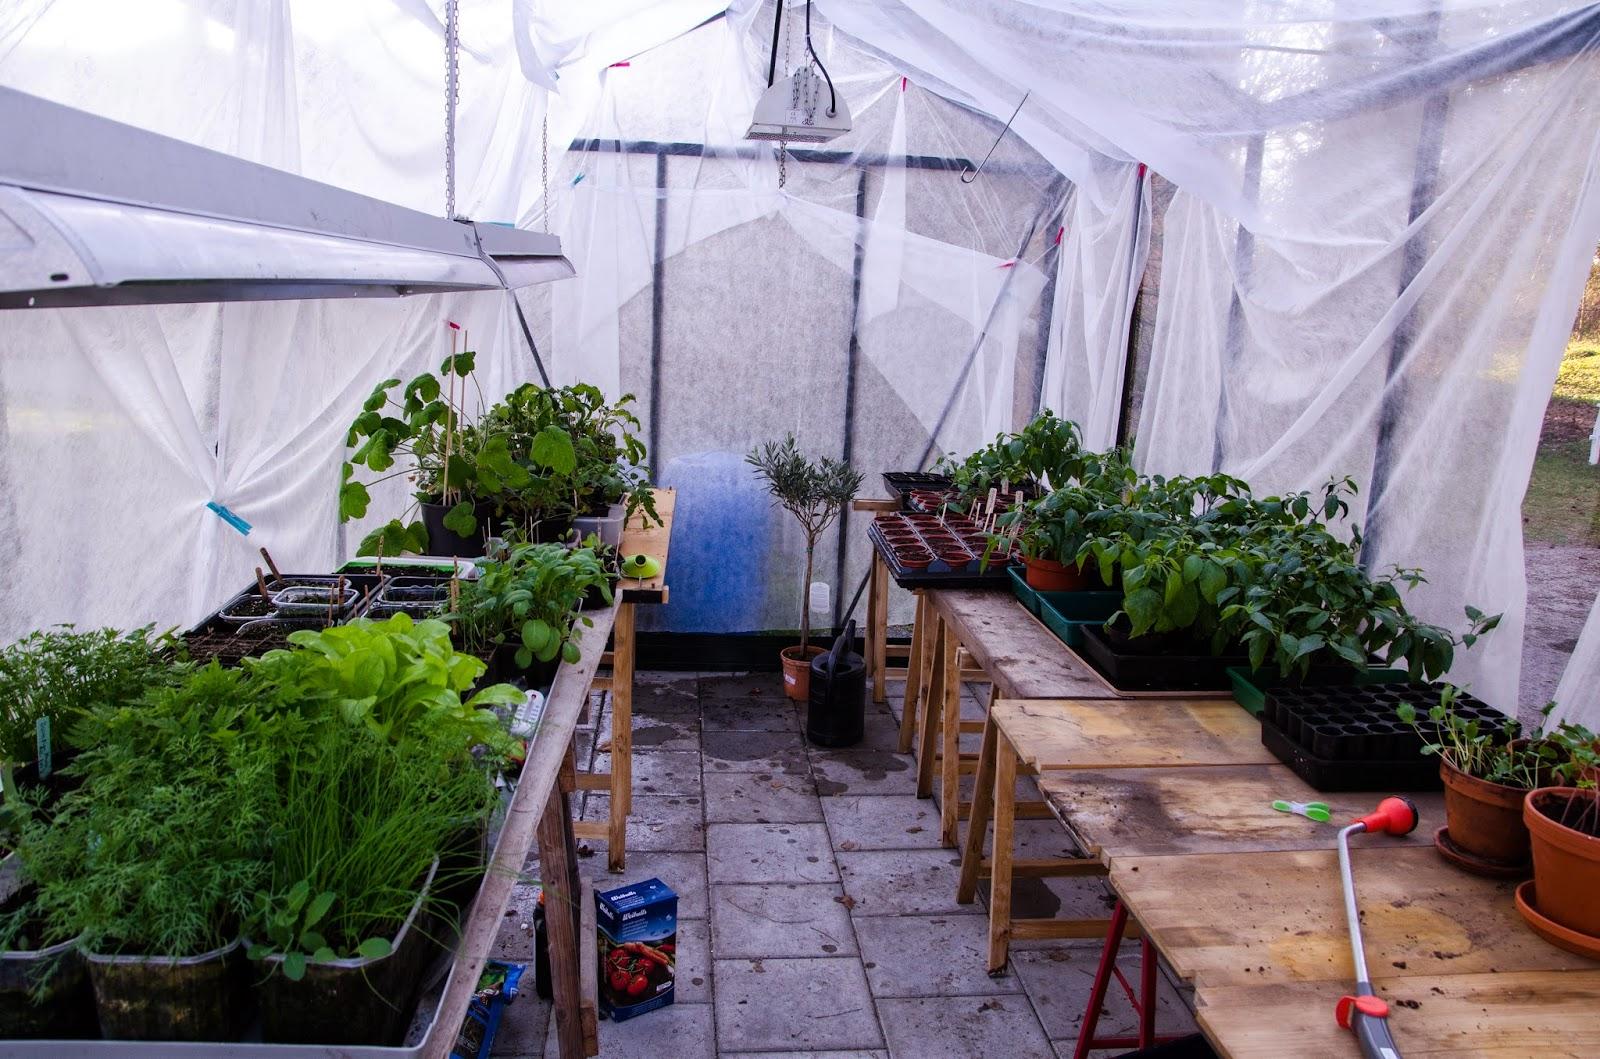 Avhärda plantor i växthuset under fiberduk